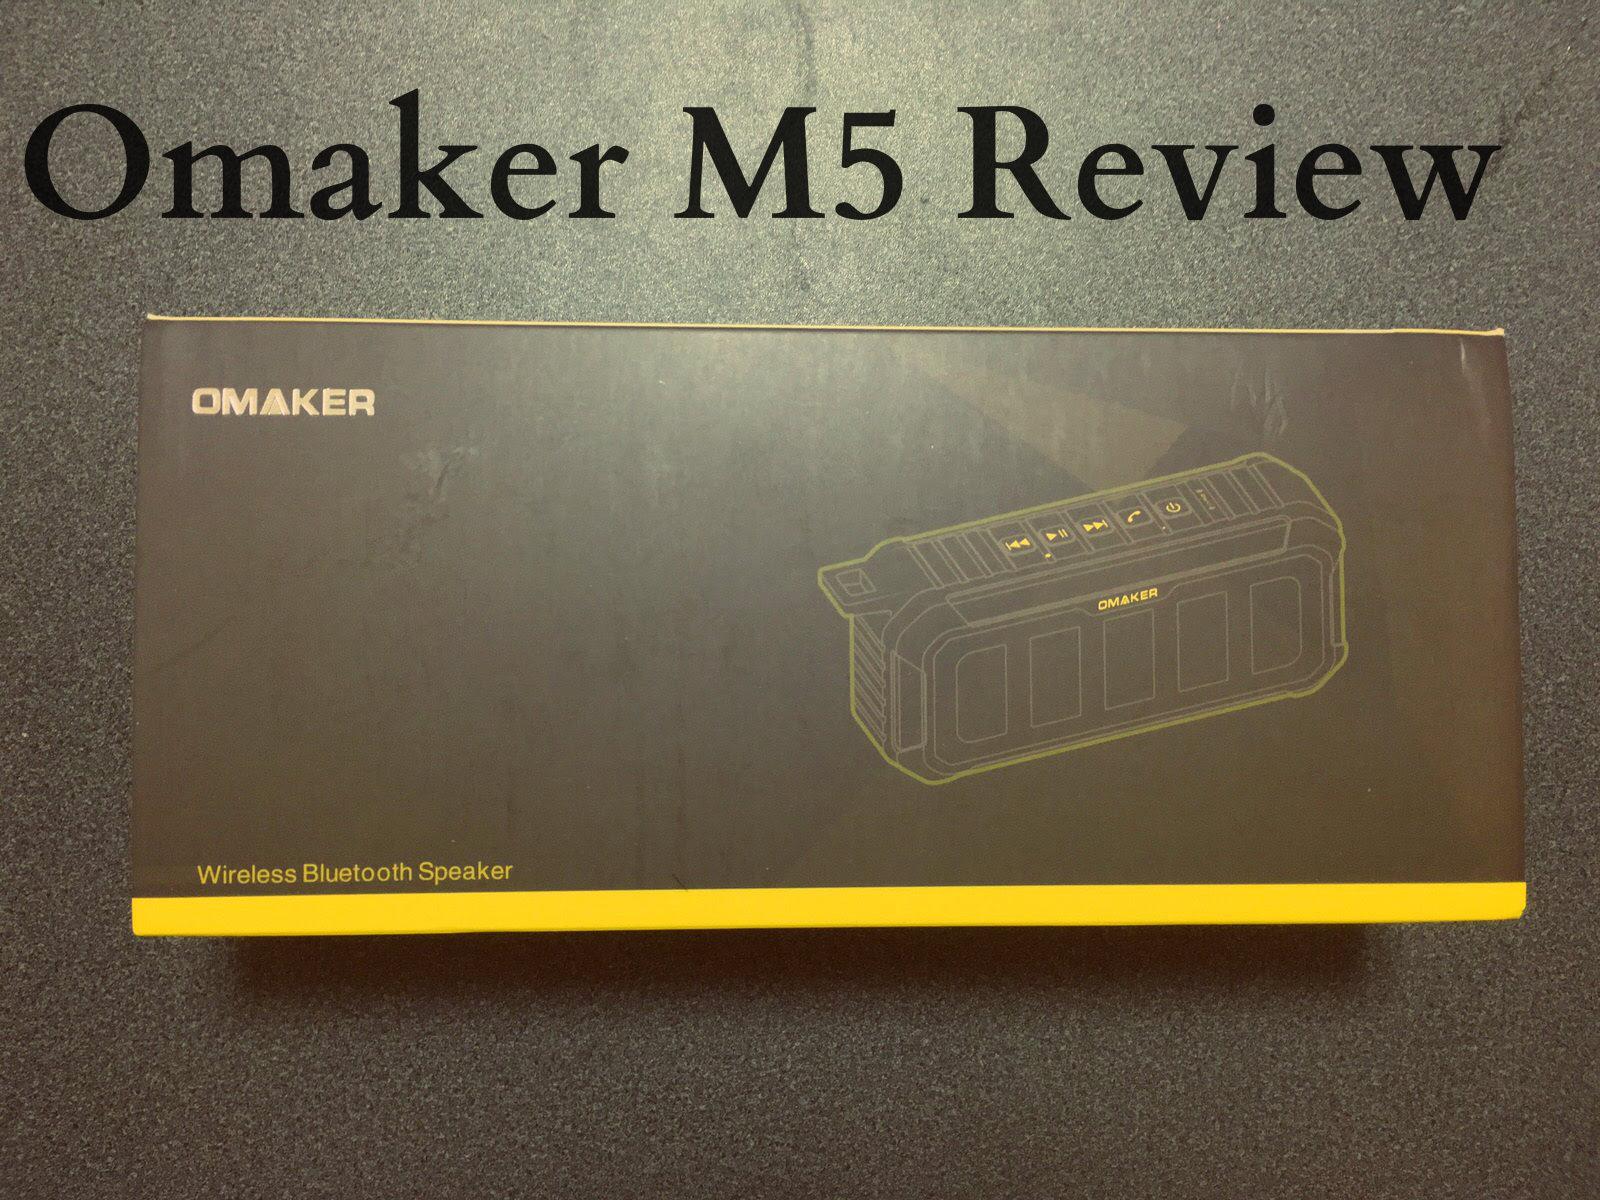 モード切り替えで1台2役!完全防水な高音質Bluetoothステレオスピーカー「Omaker M5」